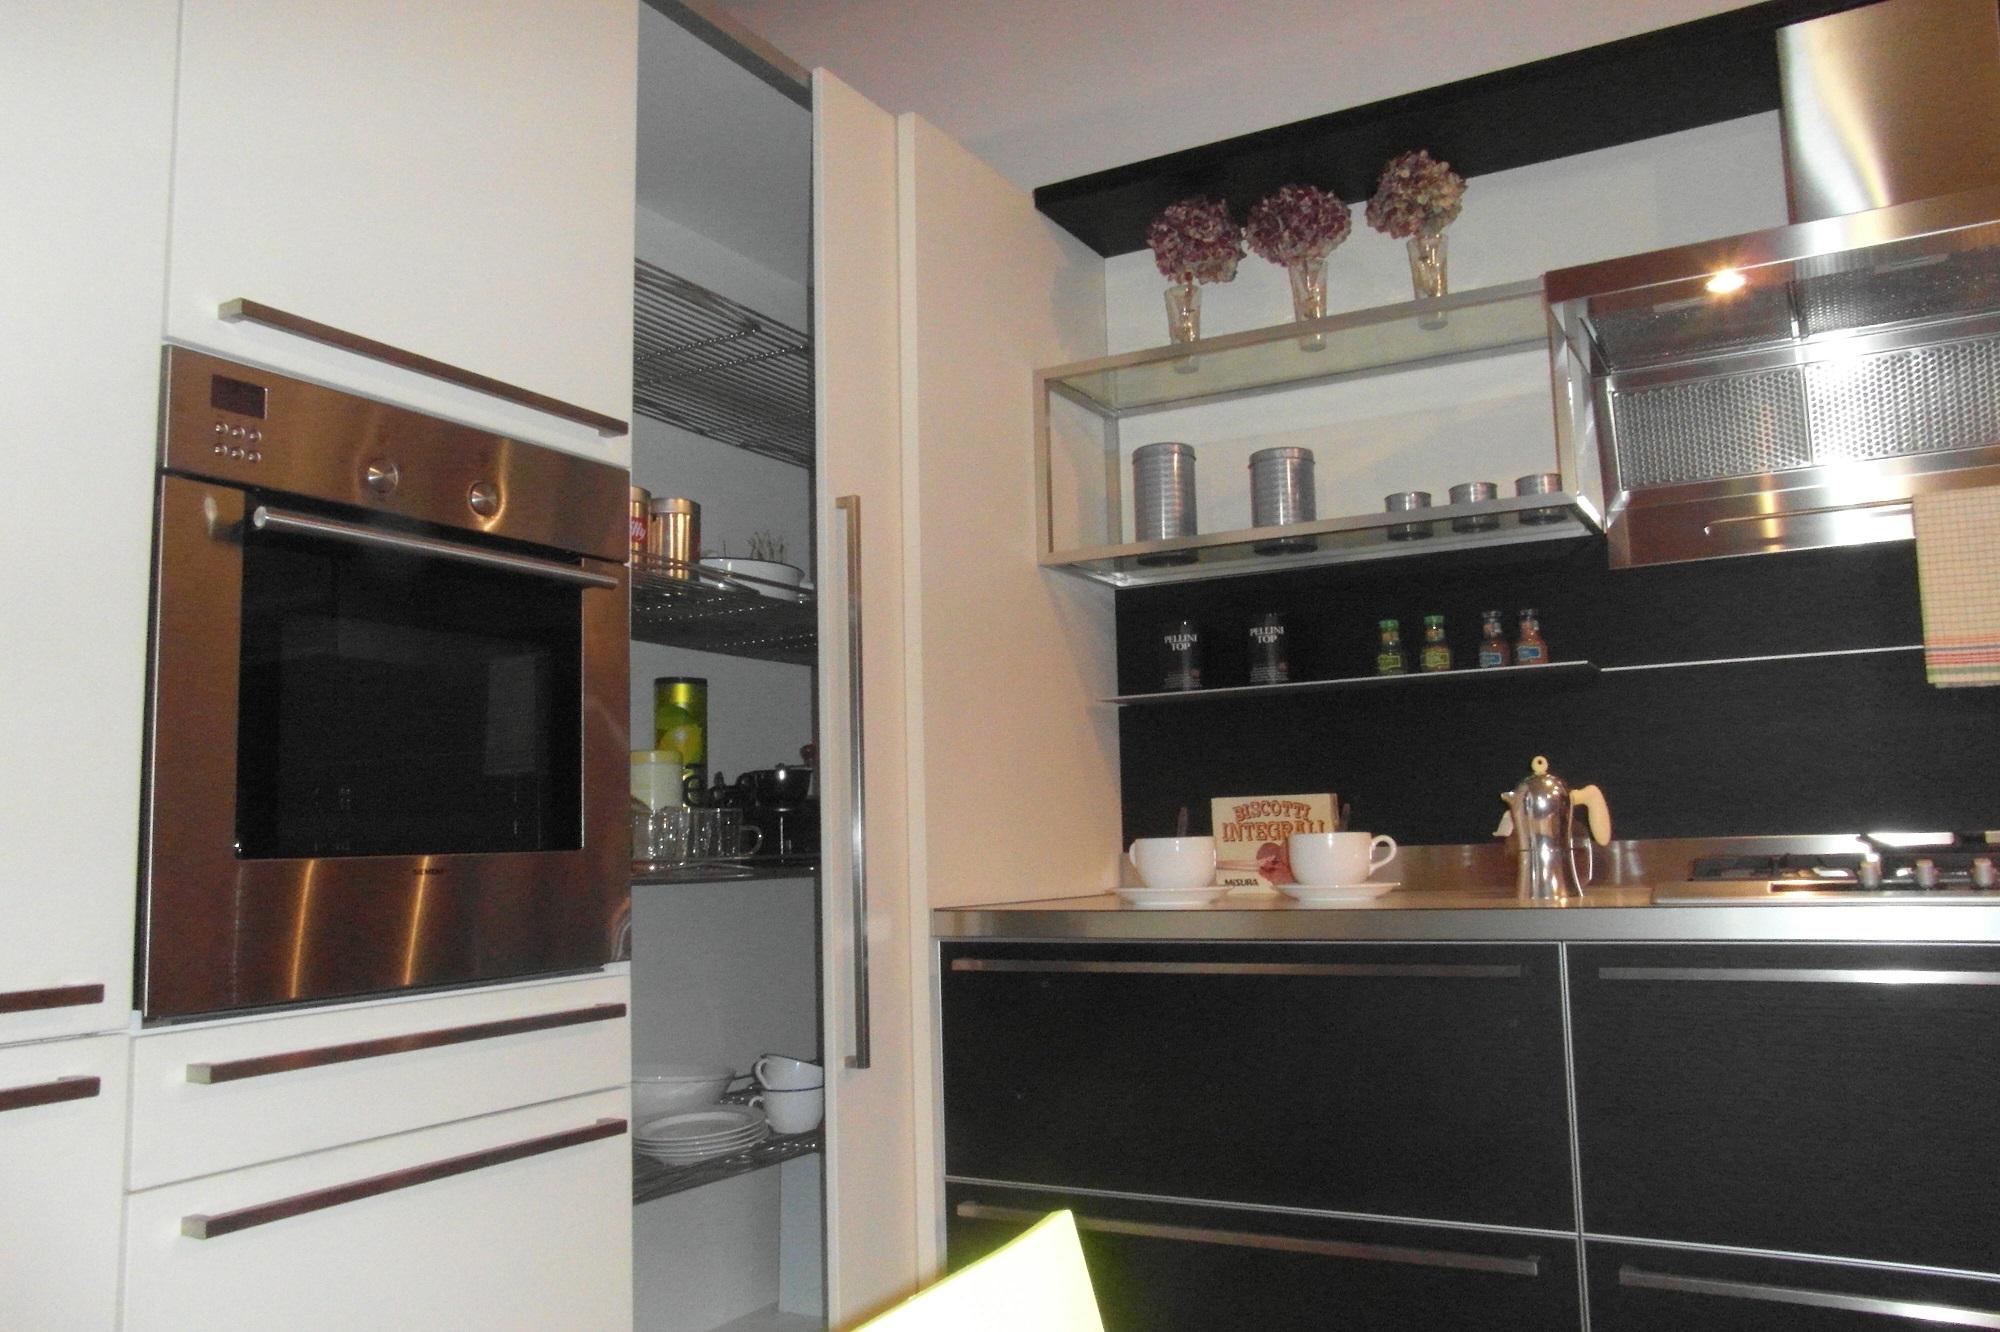 Modulnova Milano Cucina Alu Scontato Del  68 % Cucine A Prezzi  #8E6D3D 2000 1332 Veneta Cucine O Modulnova